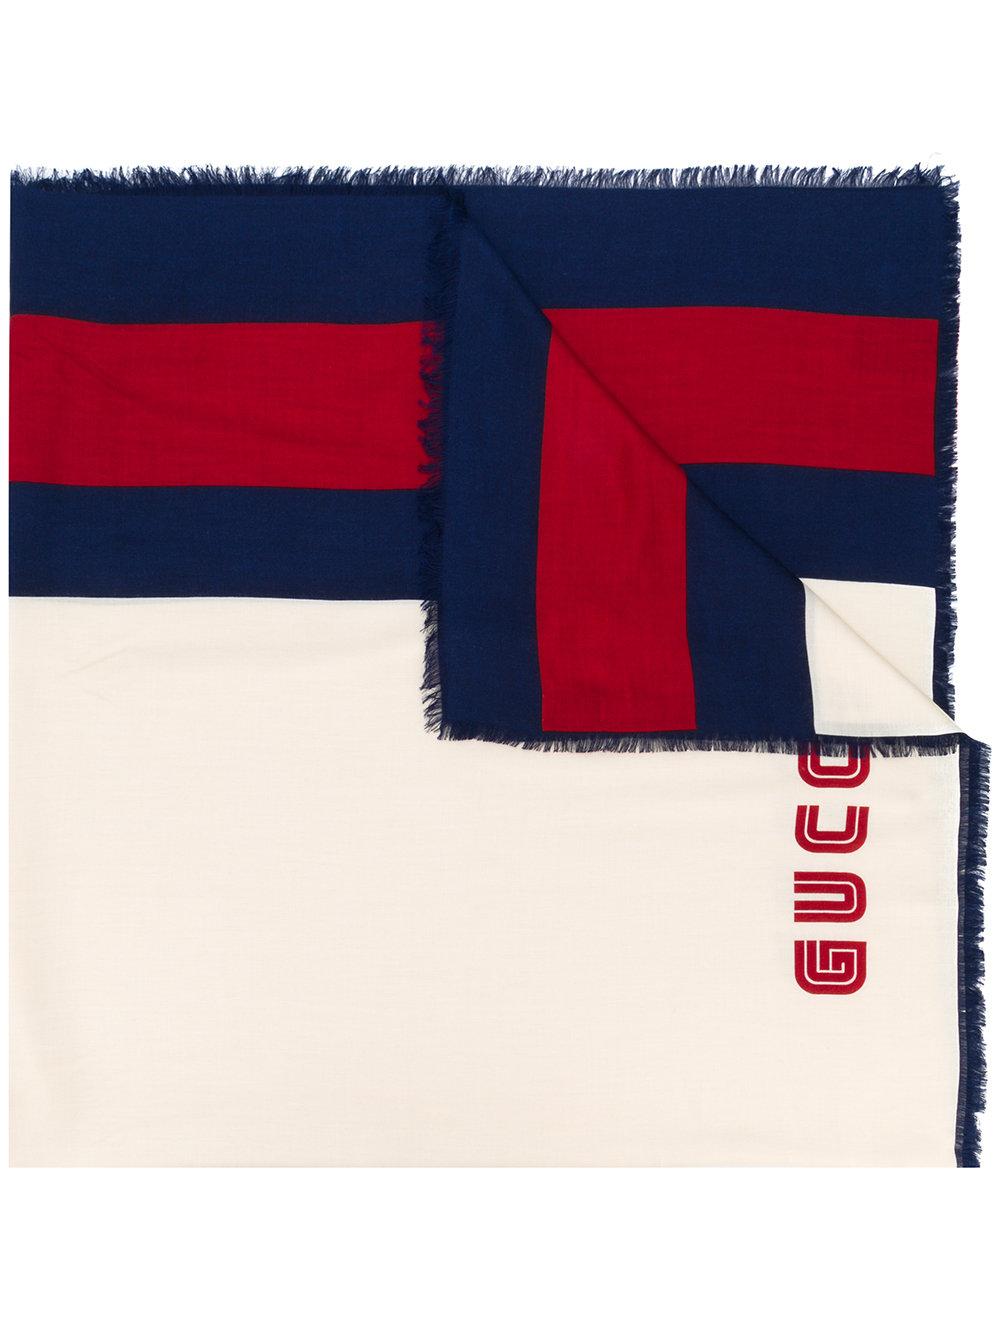 stola bianca 130x130 in seta modal con bordini rosso e blu e logo Guccy. GUCCI | Stola | 521098-4G3649268